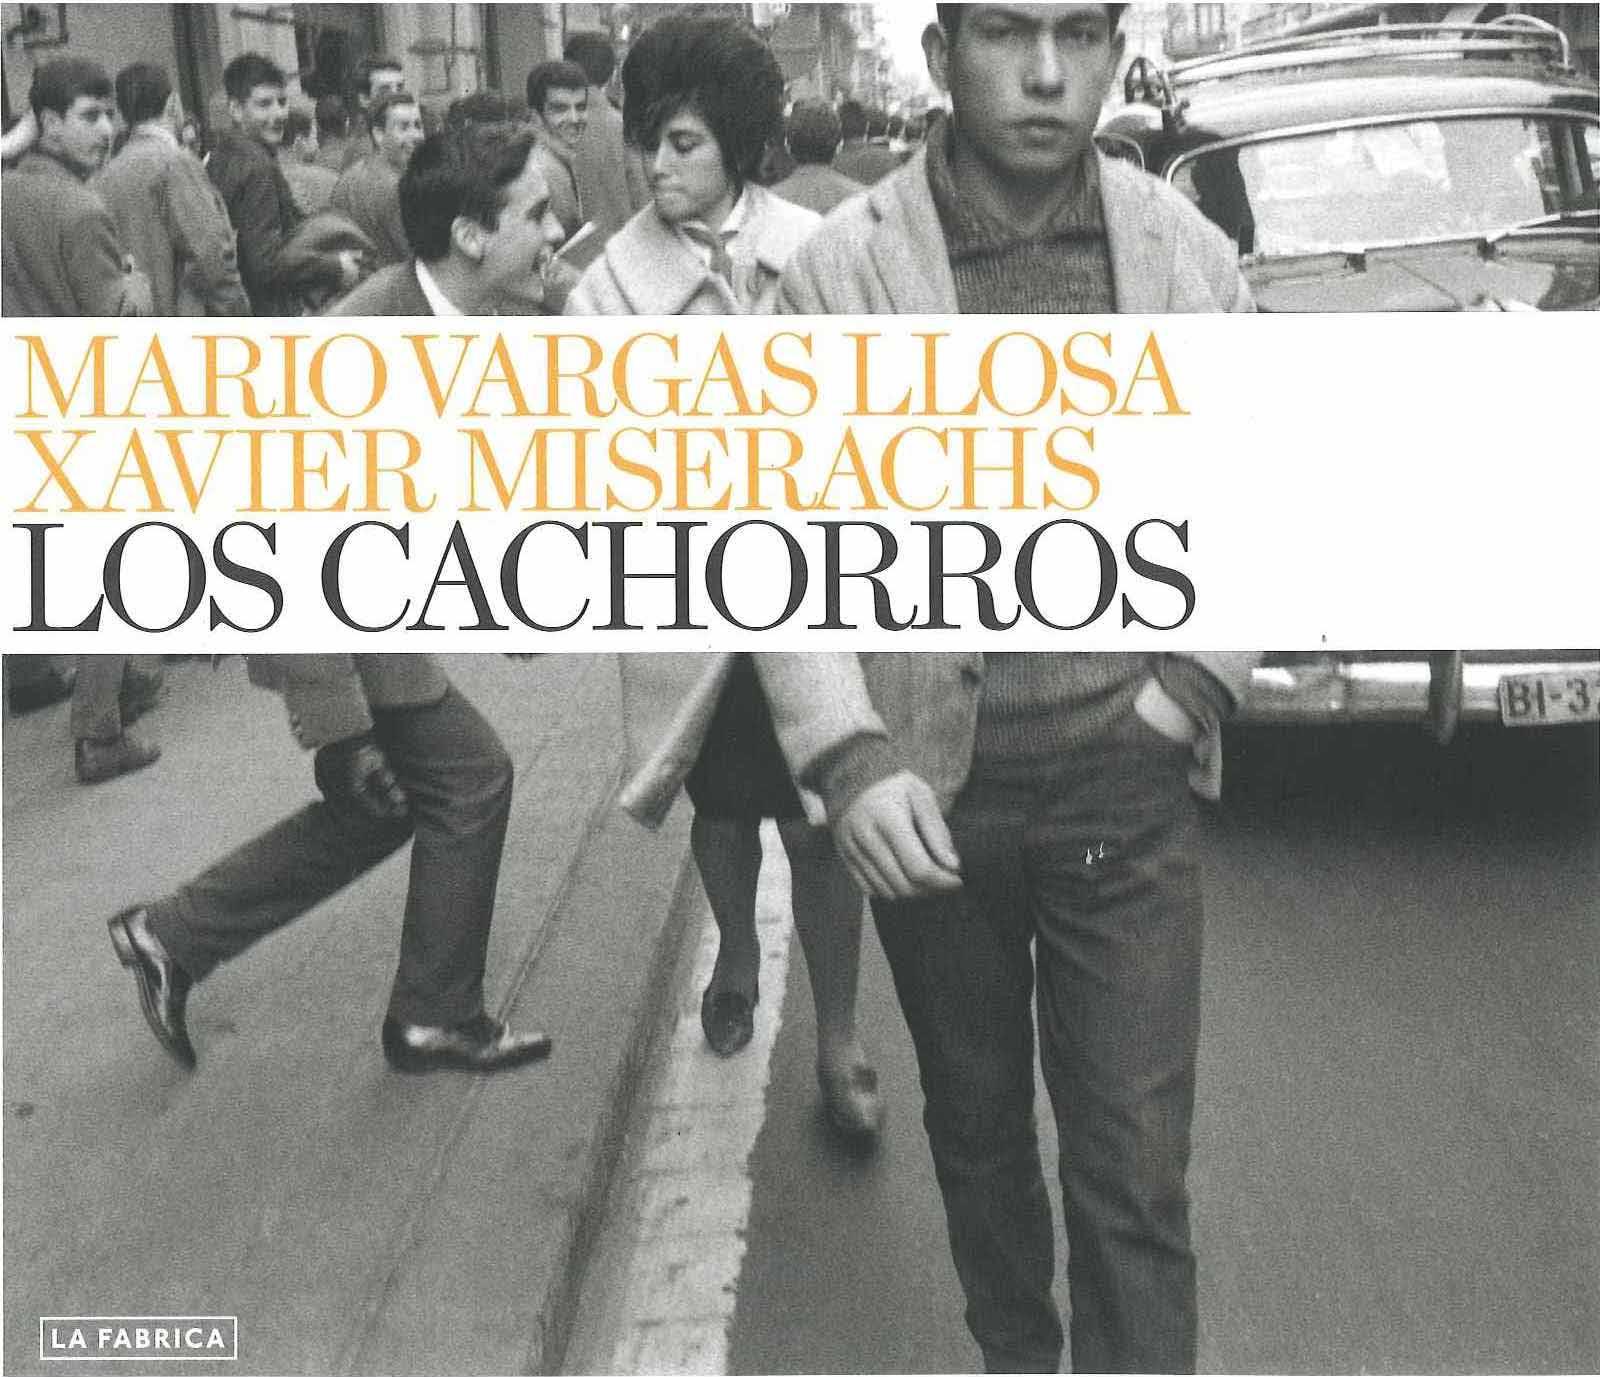 LOS CACHORROS